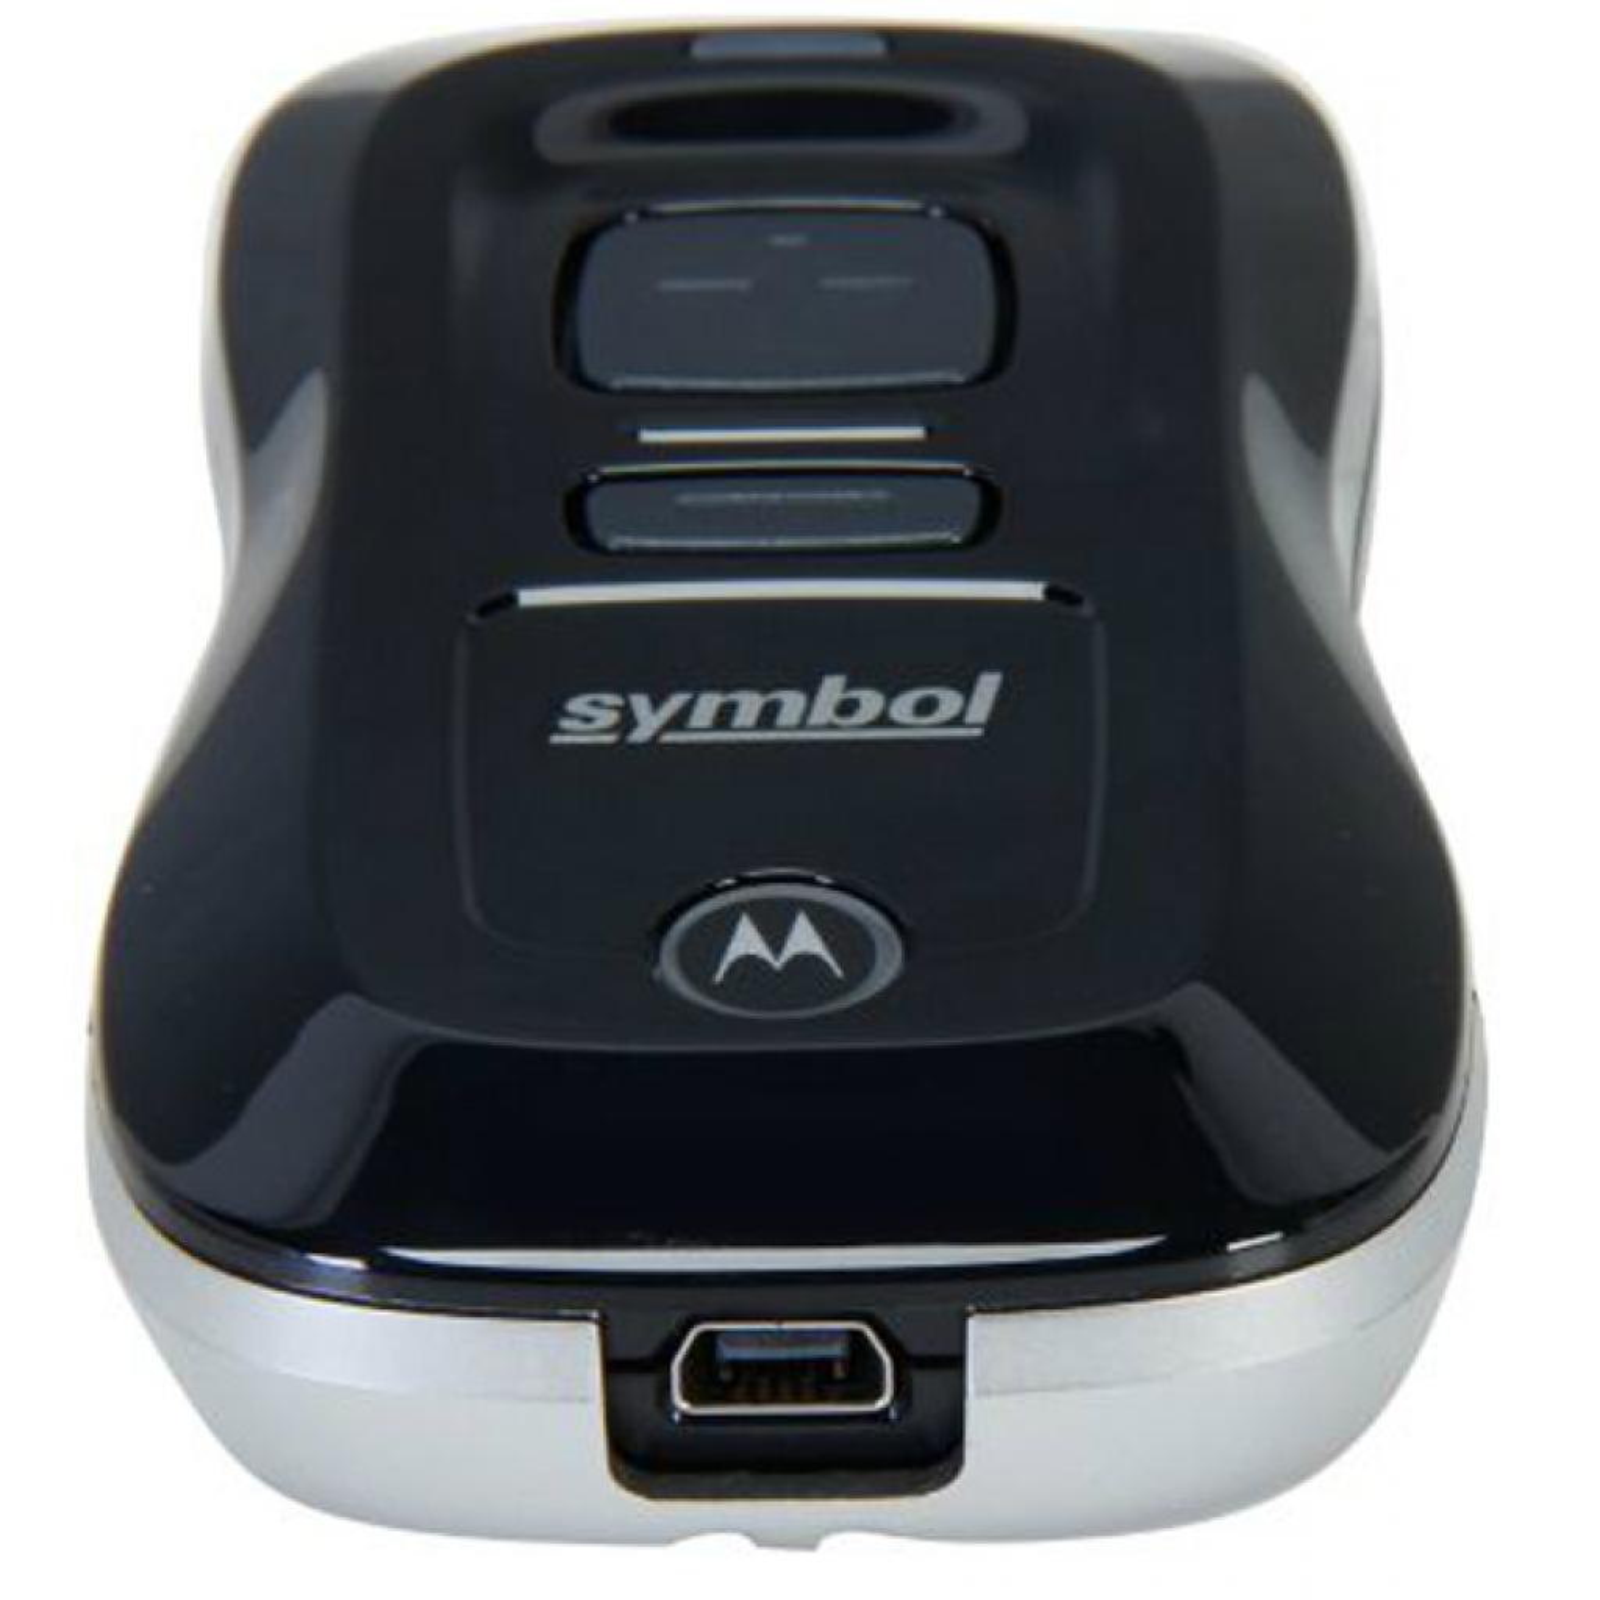 Сканер штрих-кода Symbol/Zebra CS3070 bluetooth (CS3070-SR10007WW) изображение 3